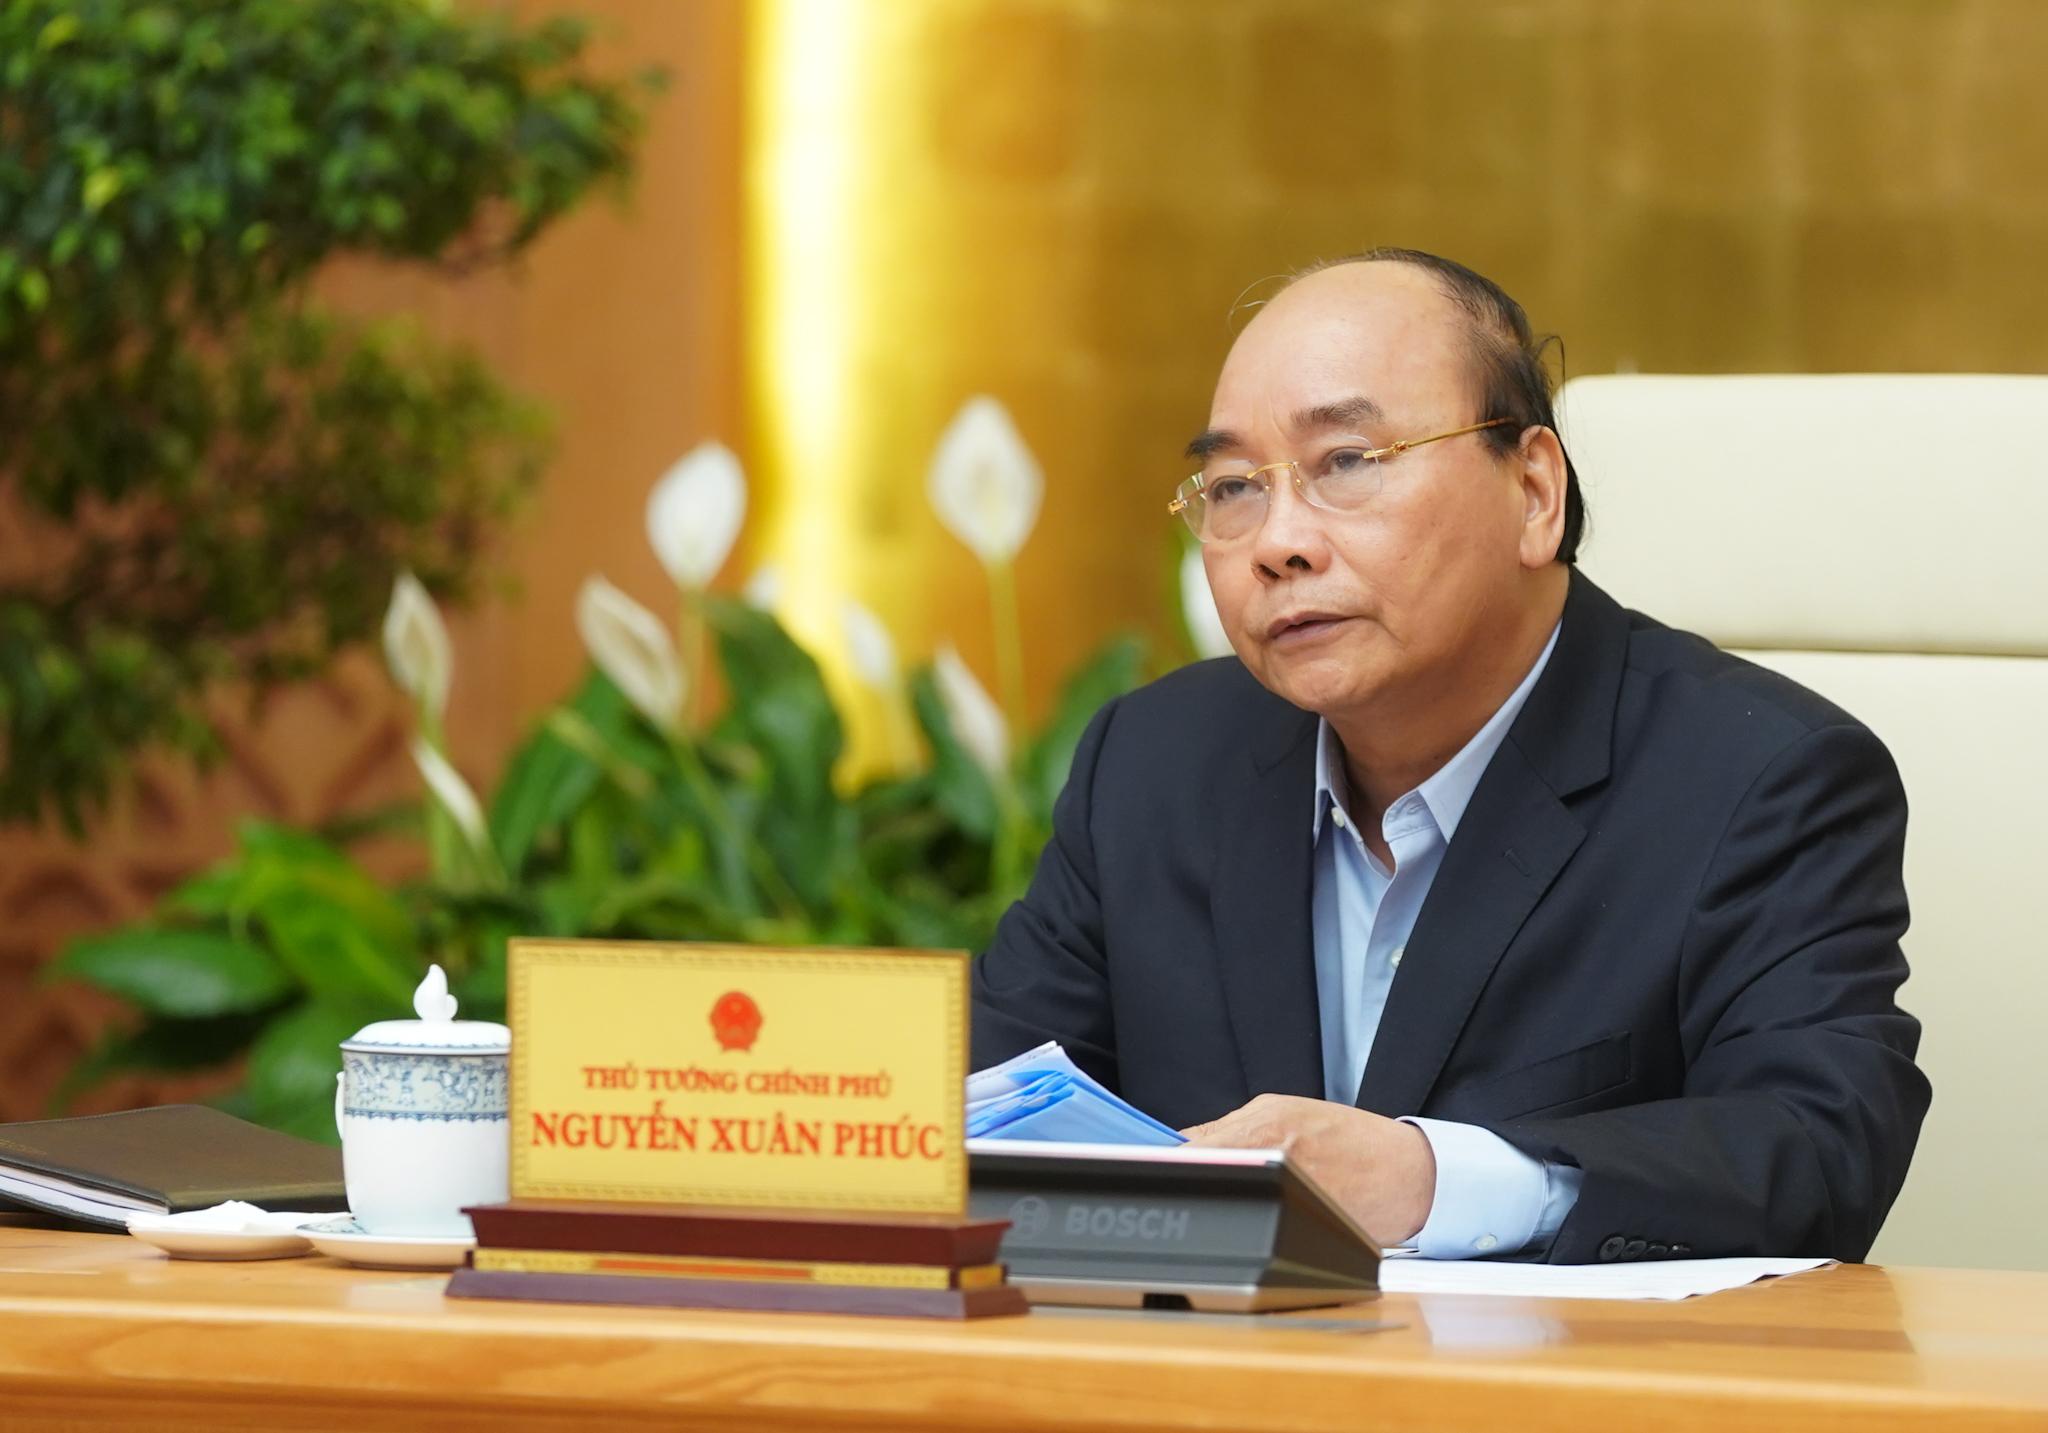 Thủ tướng Nguyễn Xuân Phúc: Tạo mọi điều kiện cho kinh tế tư nhân yên tâm đầu tư, kinh doanh